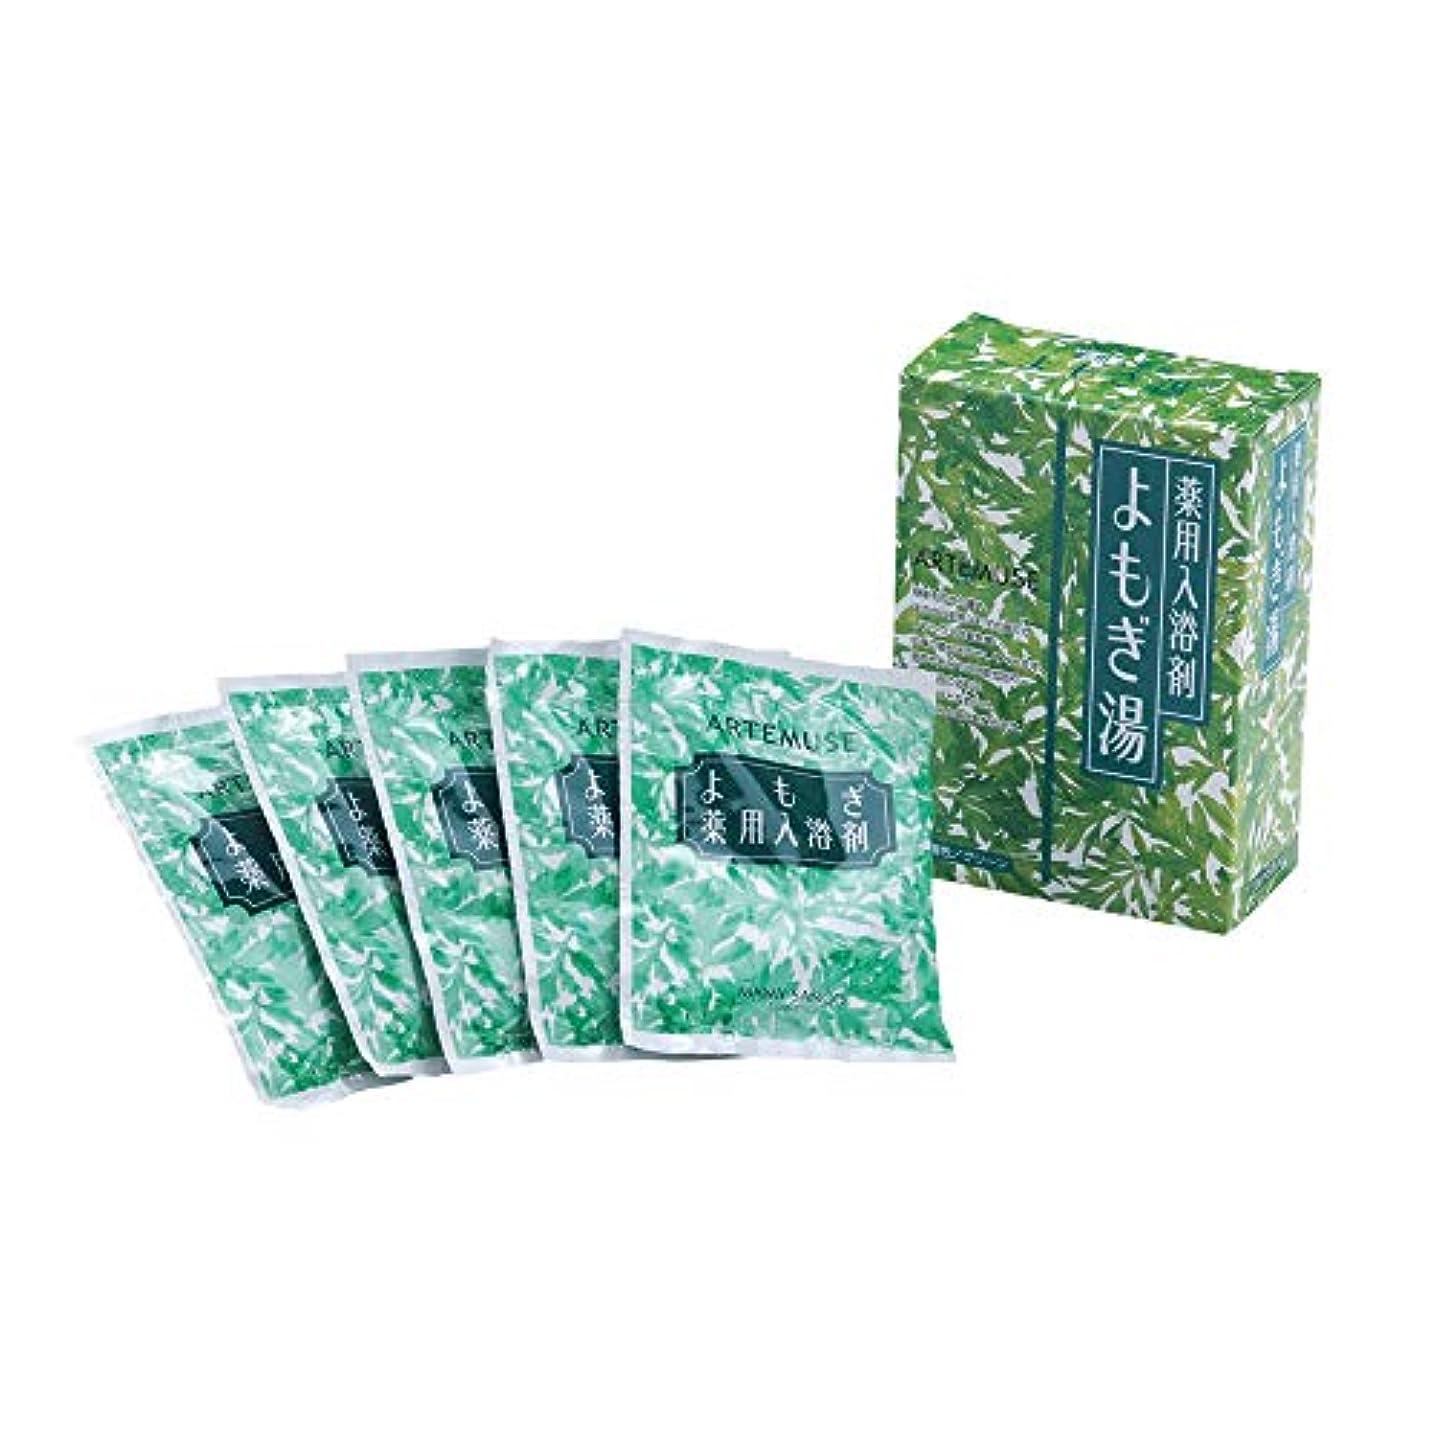 はぁ女将レポートを書くマミーサンゴ よもぎ入浴剤 薬用バスソルトA [分包タイプ] 30g×5包入 (1箱)